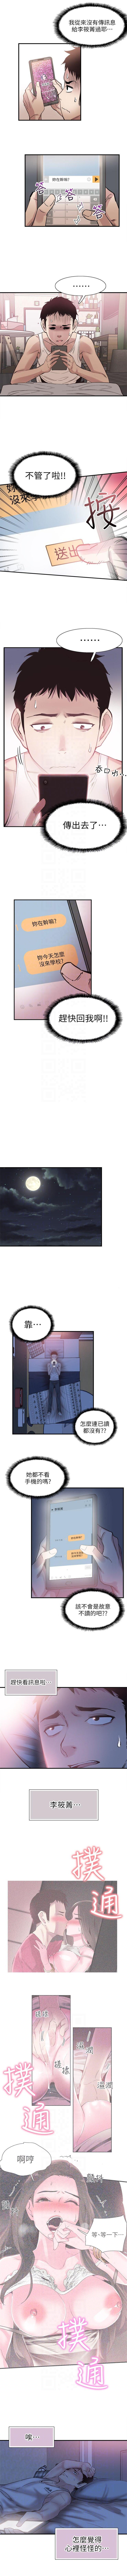 (週7)校園live秀 1-50 中文翻譯(更新中) 114